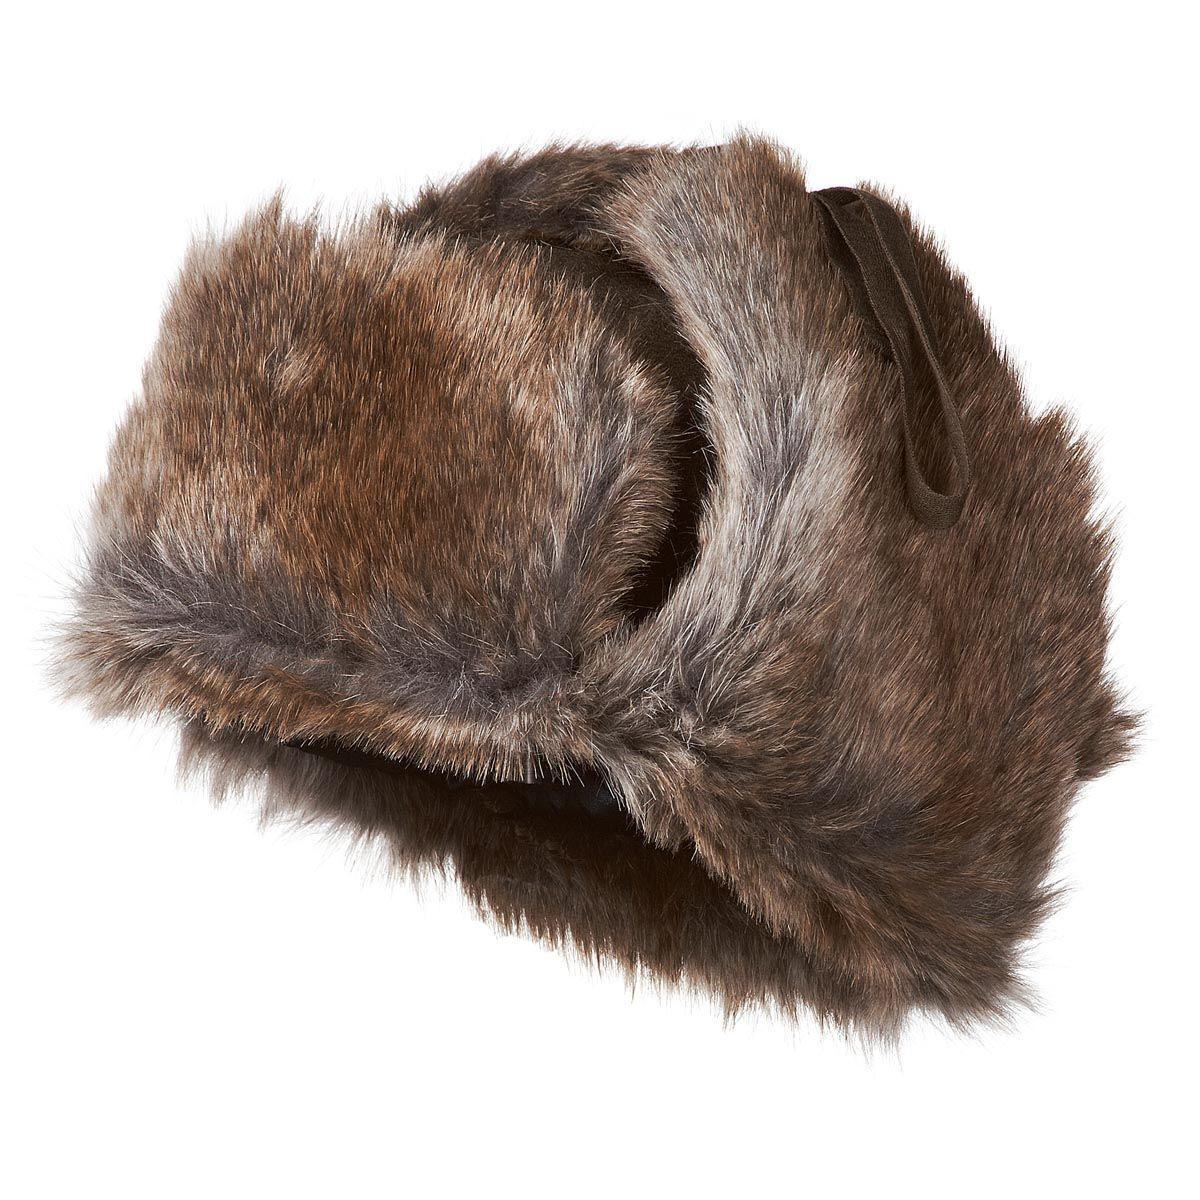 9bbf4f2dcd629 Kangol Trapper Hats - Kangol Wool Ushanka Trapper Hat - Loden ...